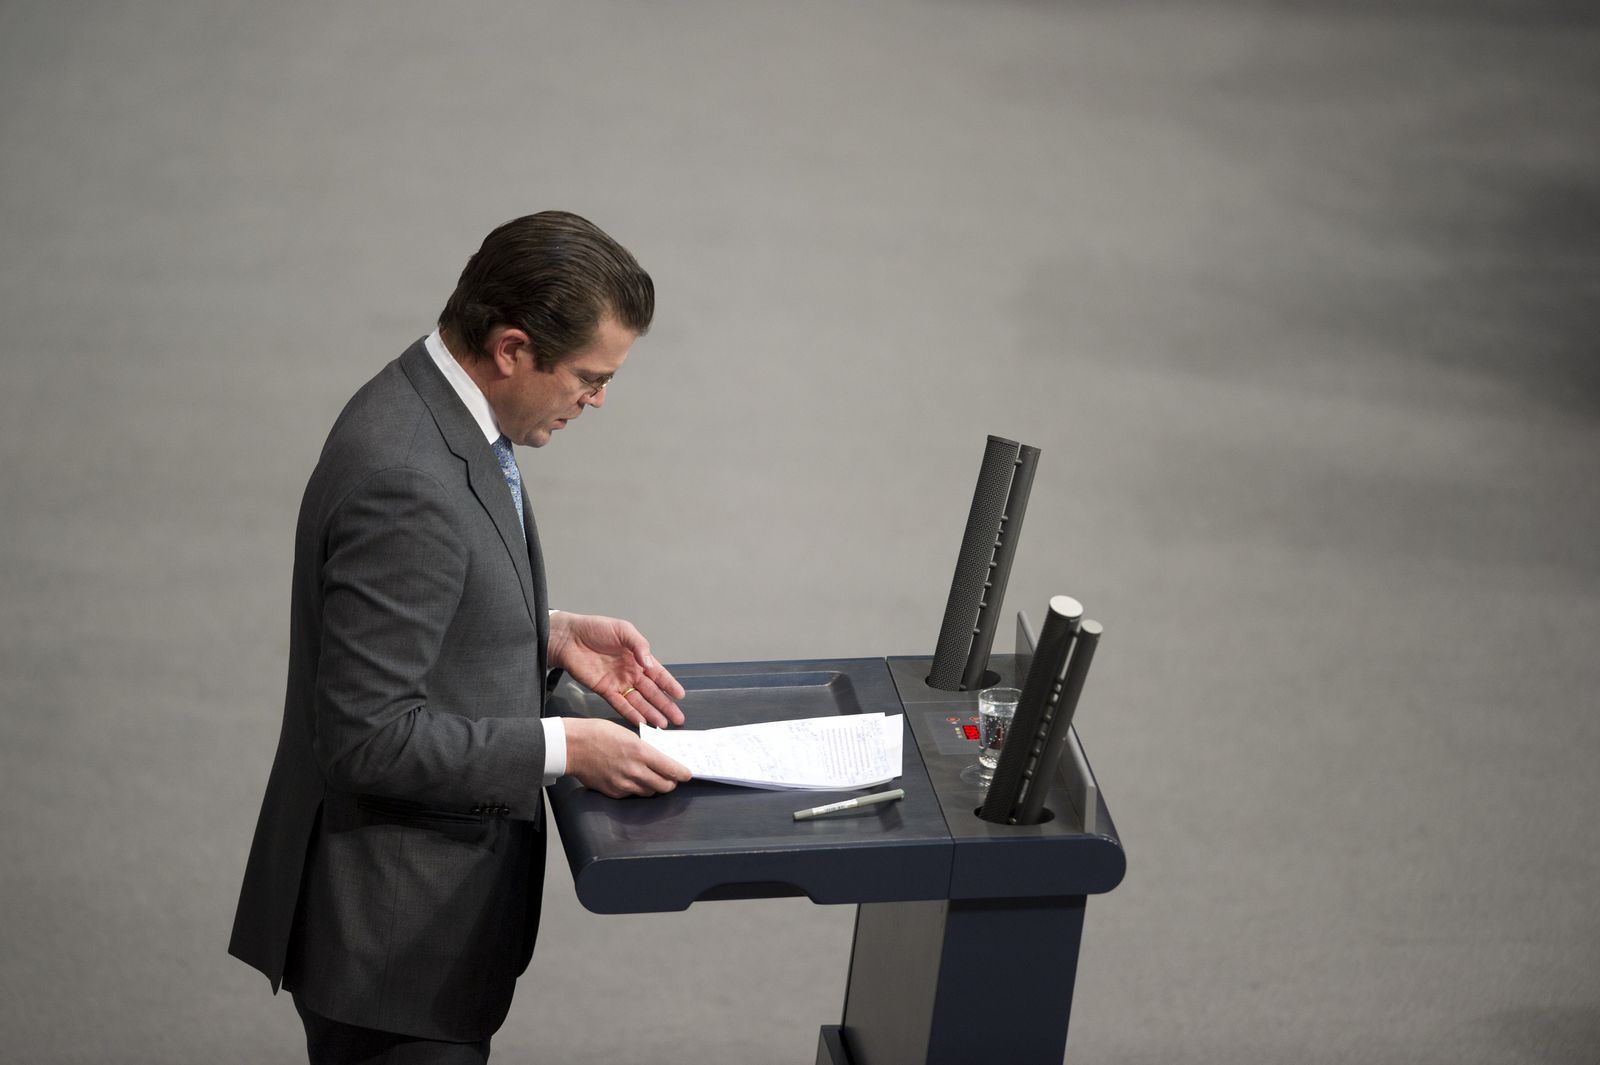 NICHT VERWENDEN Guttenberg/ Bundestag